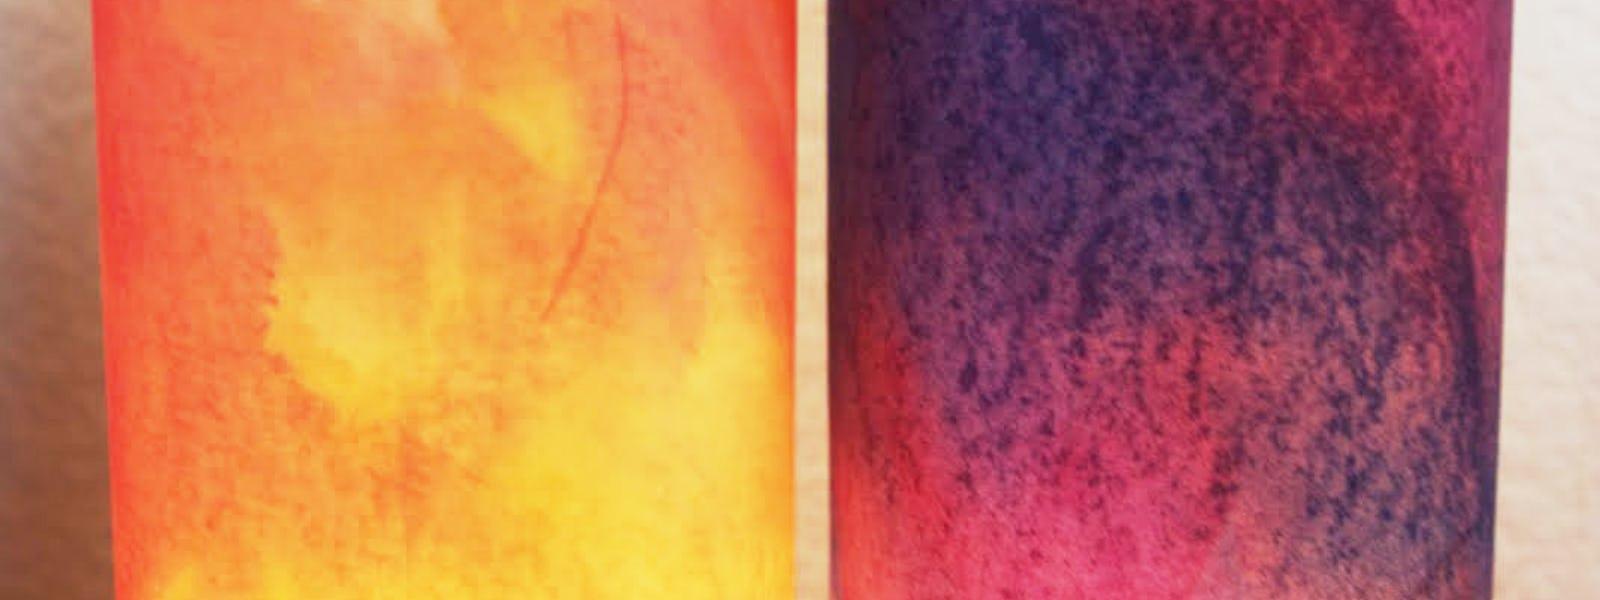 Bild - Underverkstan: Akvarell & tryck på rispapper